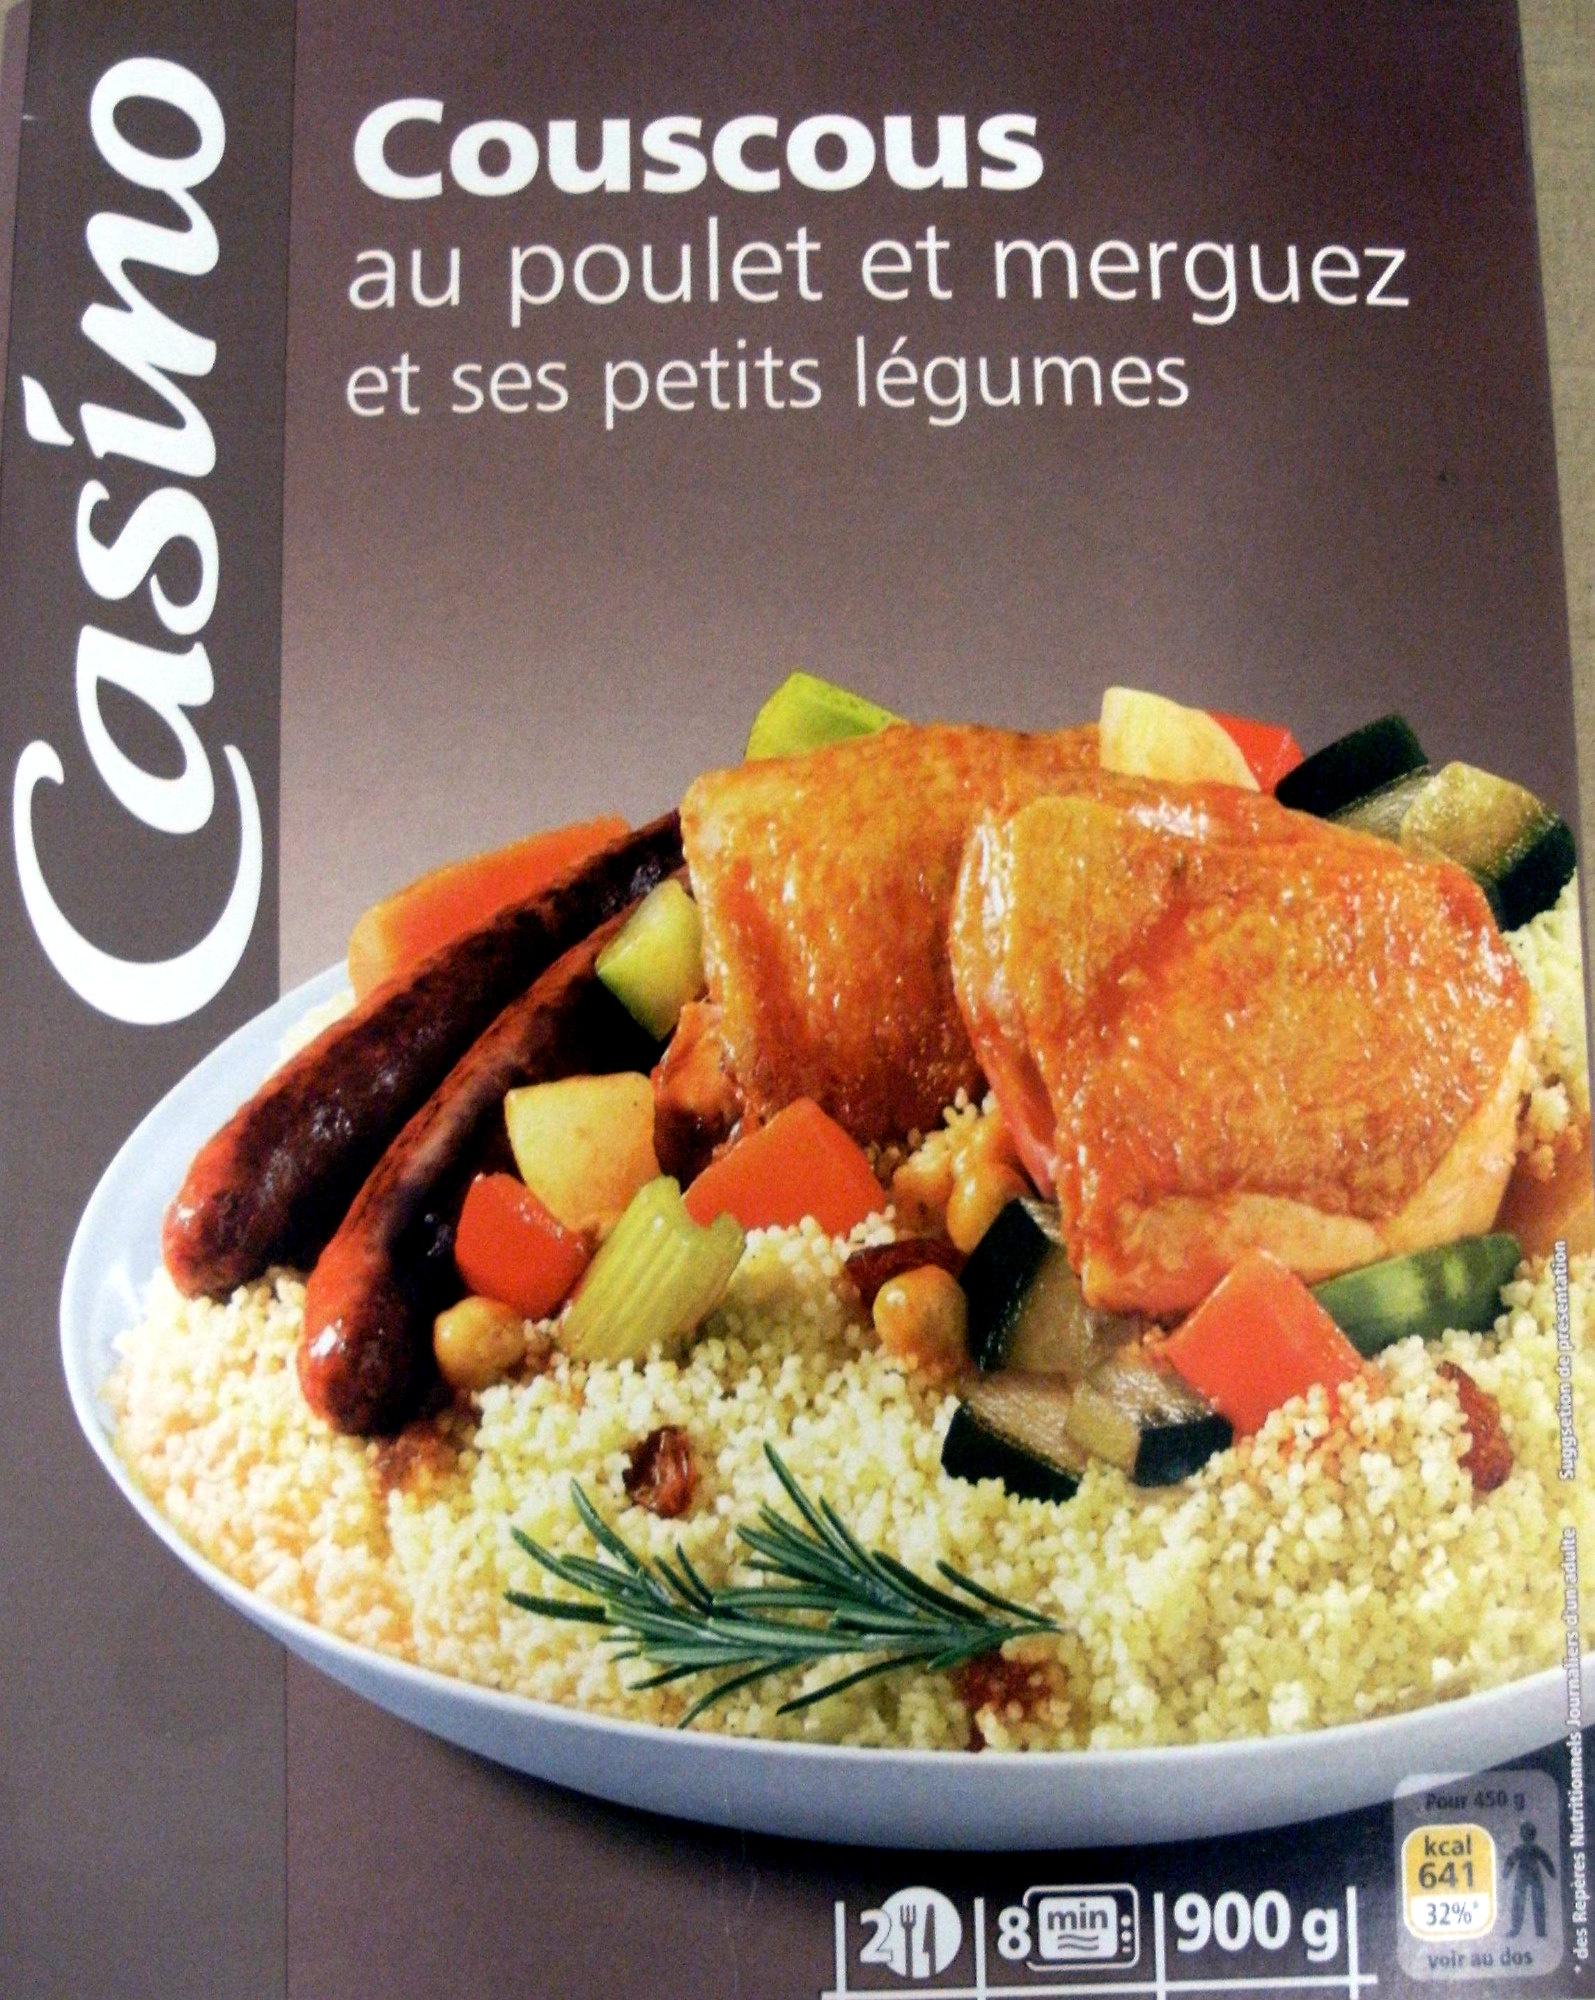 Couscous Au Poulet Et Merguez Et Ses Petits Legumes 2 Portions